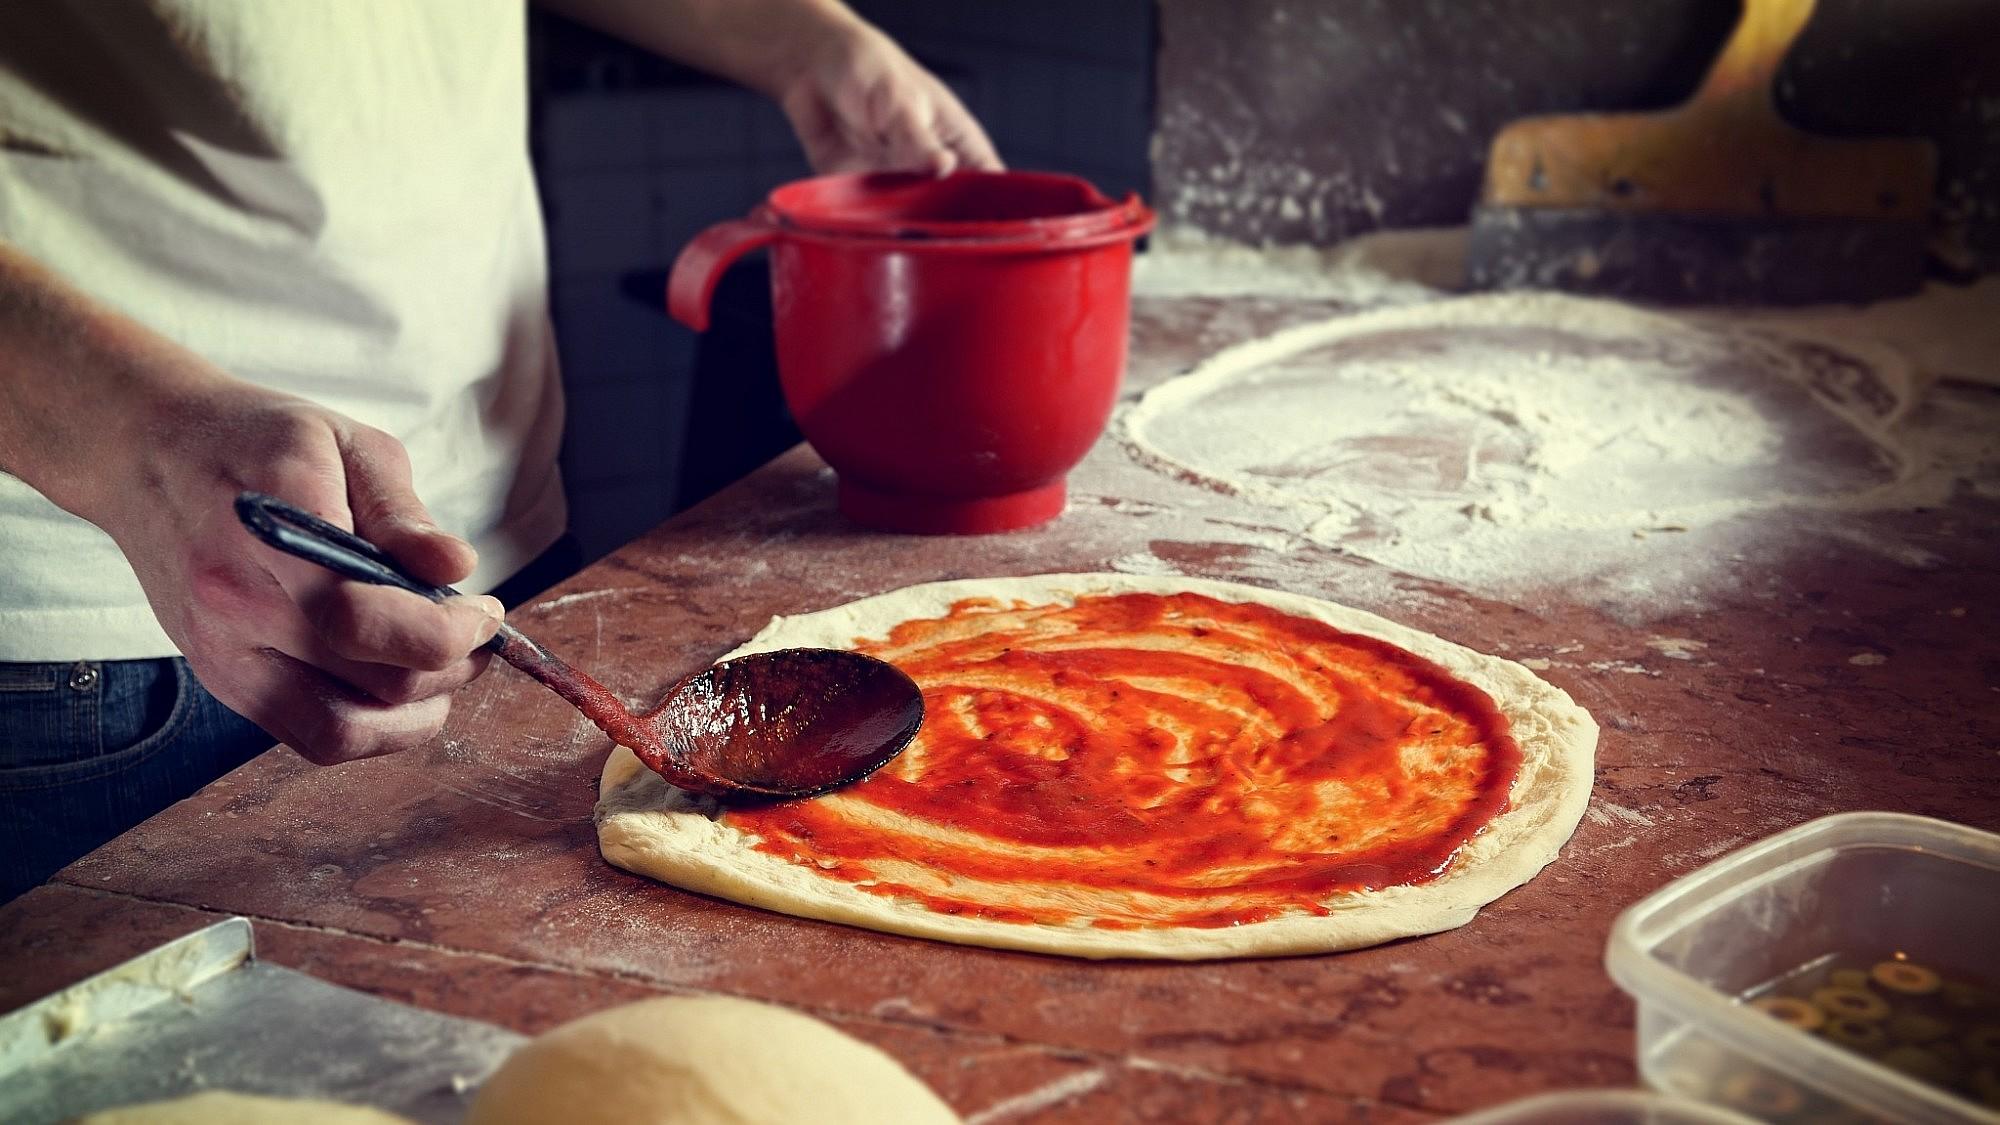 פיצה עם רוטב עגבניות. צילום: Shutterstock